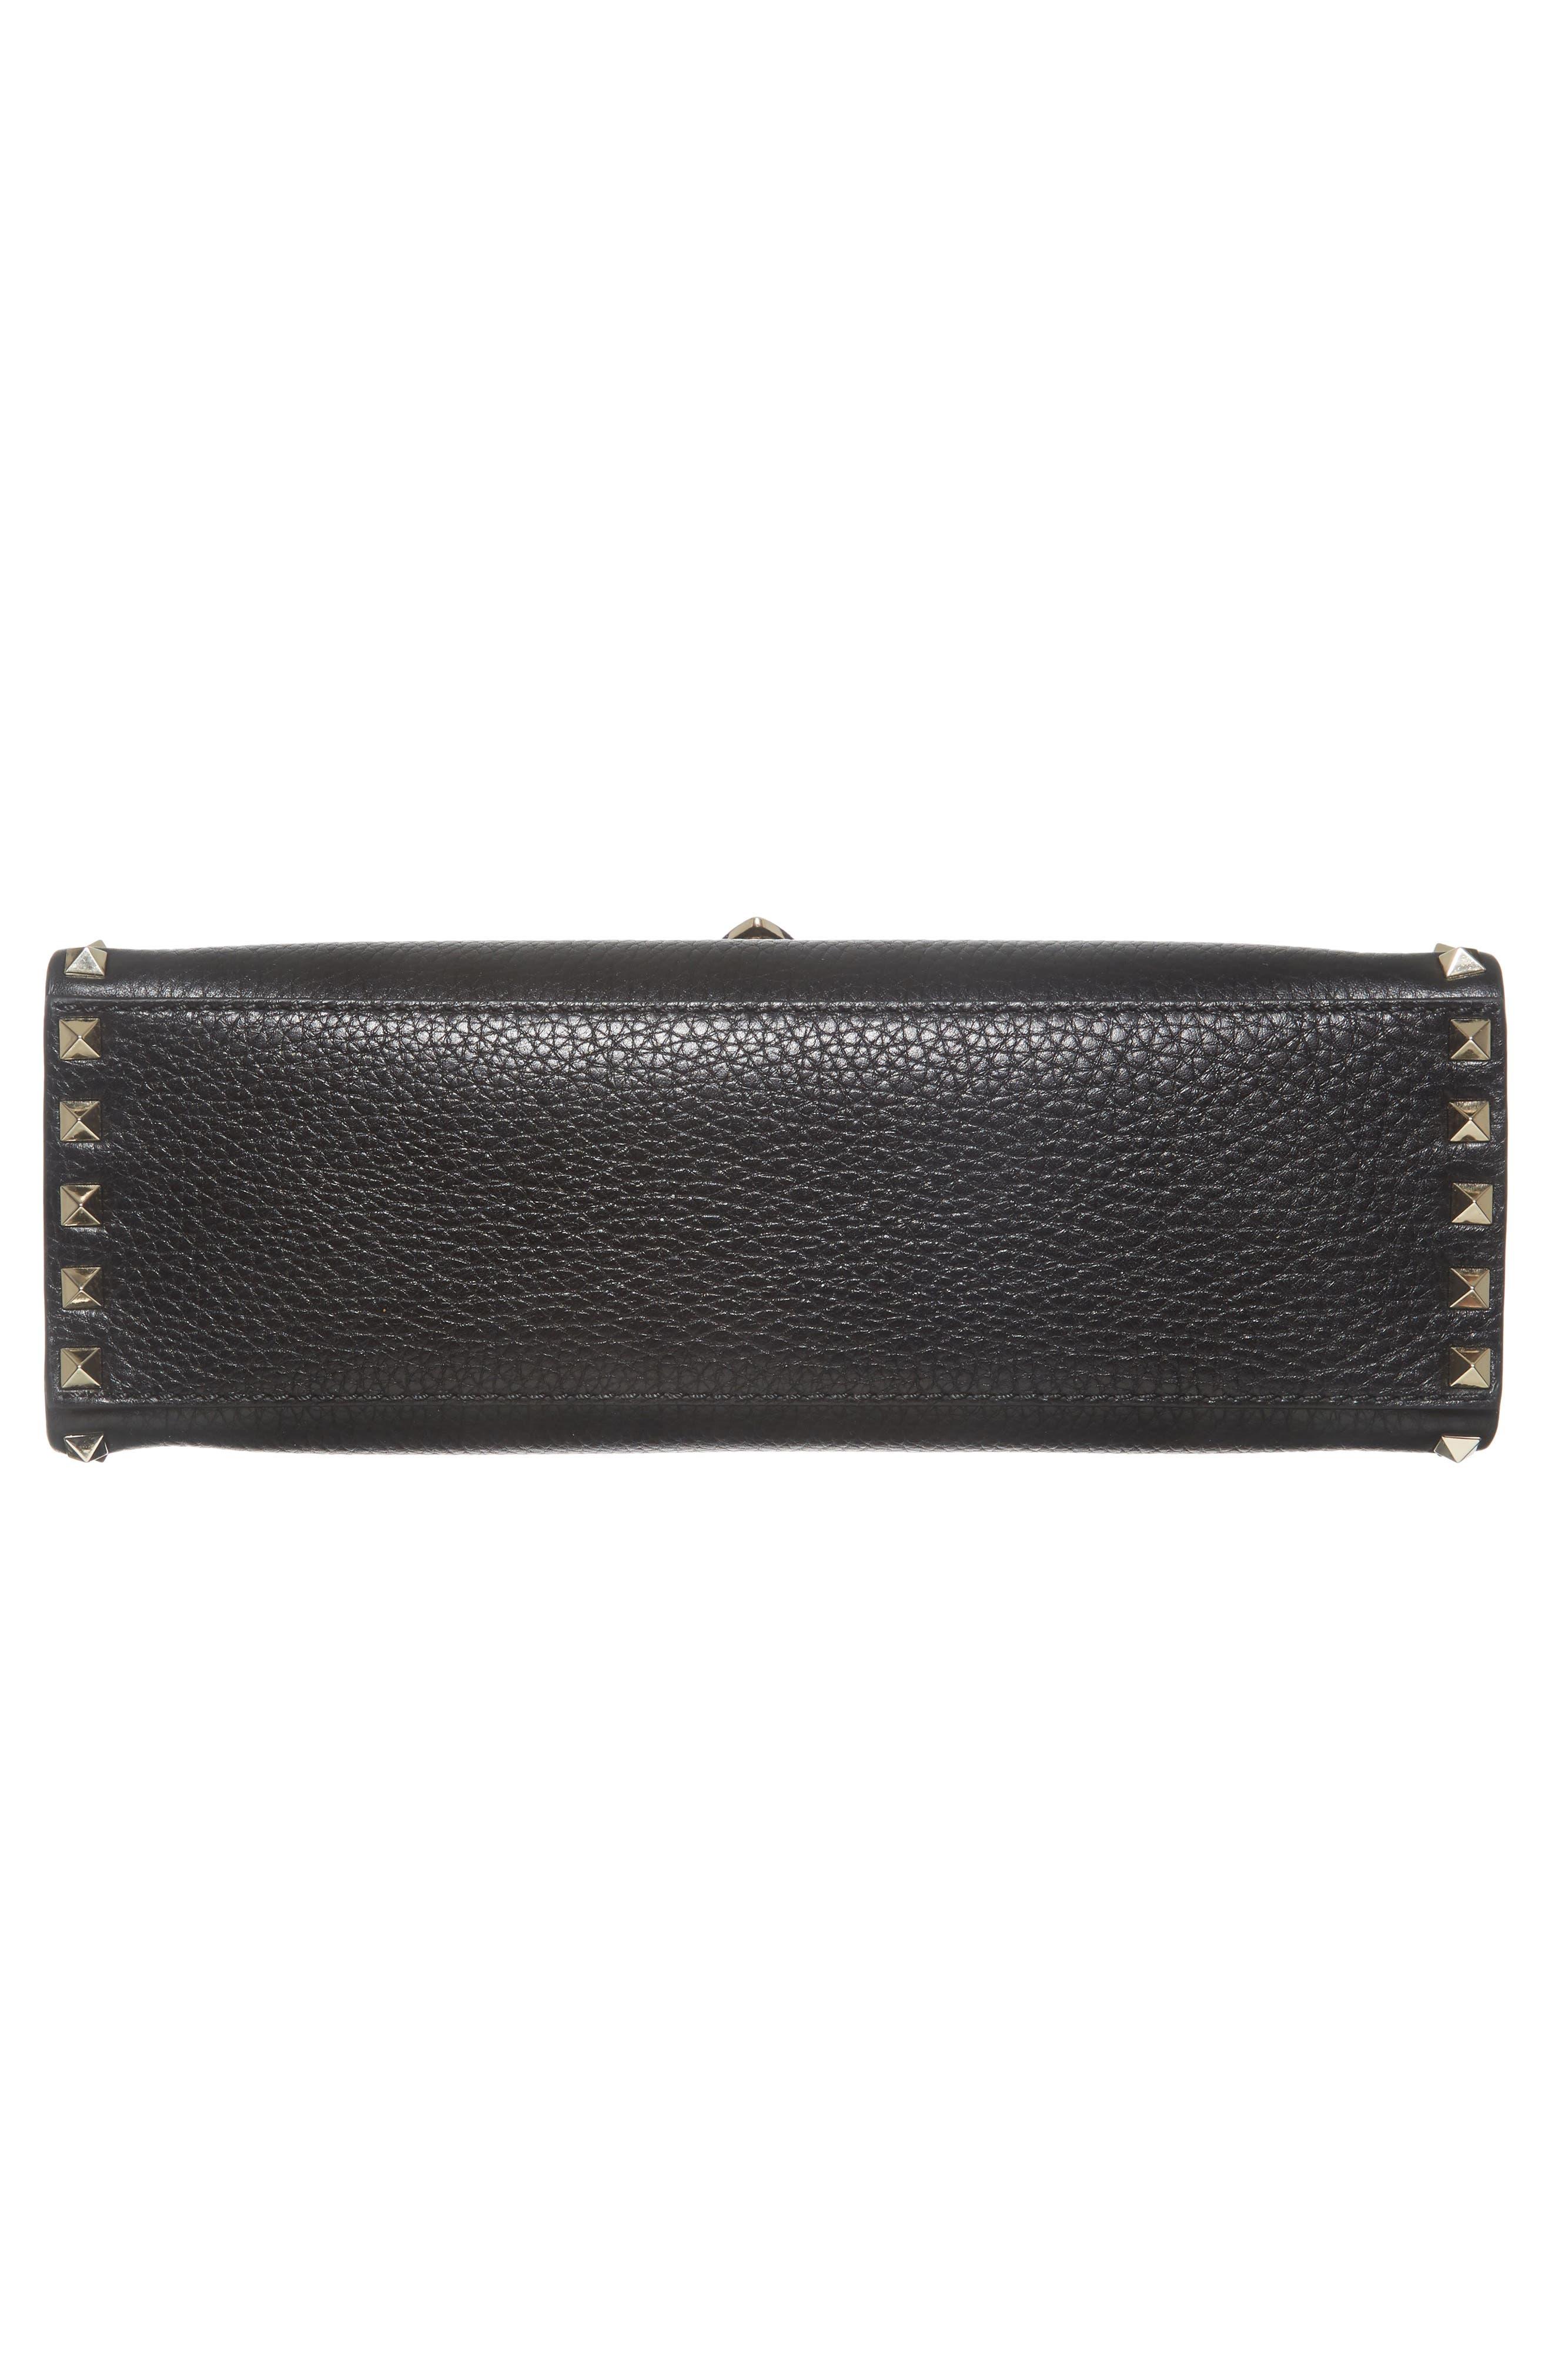 Rockstud Leather Top Handle Shoulder Bag,                             Alternate thumbnail 6, color,                             001